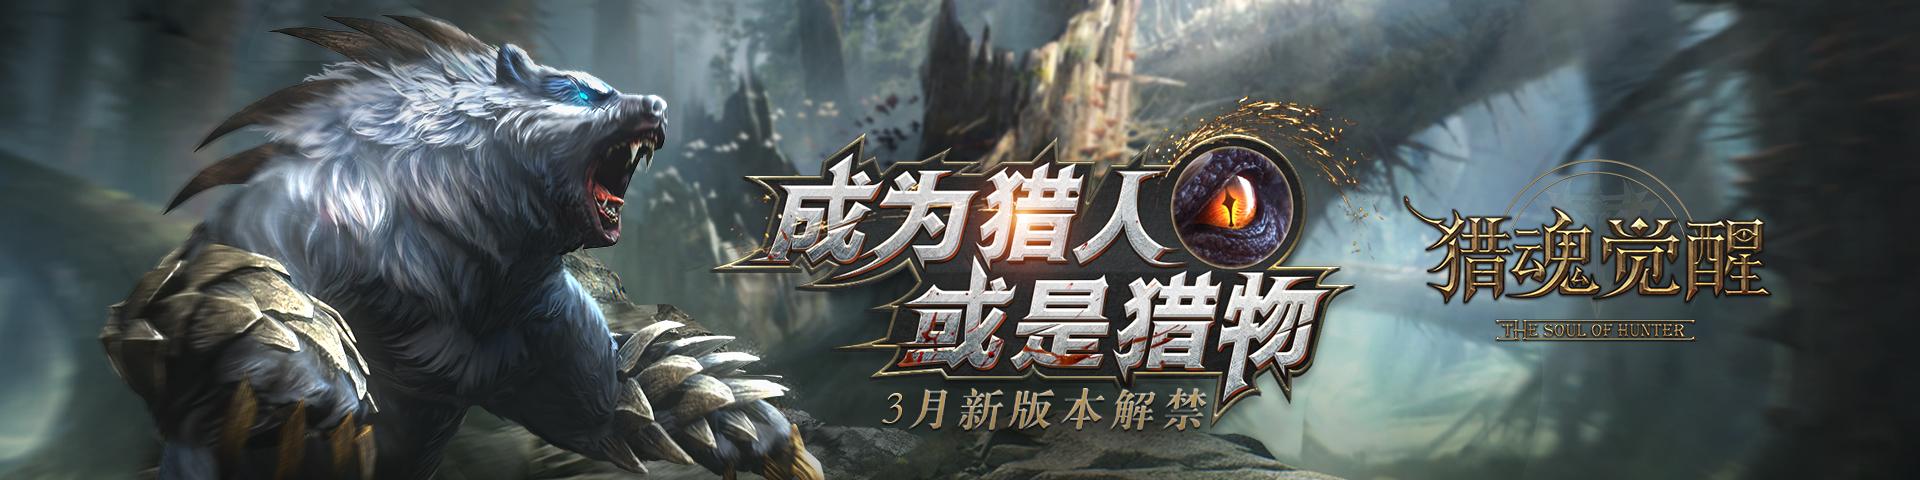 全新巨兽侵蚀礼装上线!《猎魂觉醒》全新版本3月23日开测!